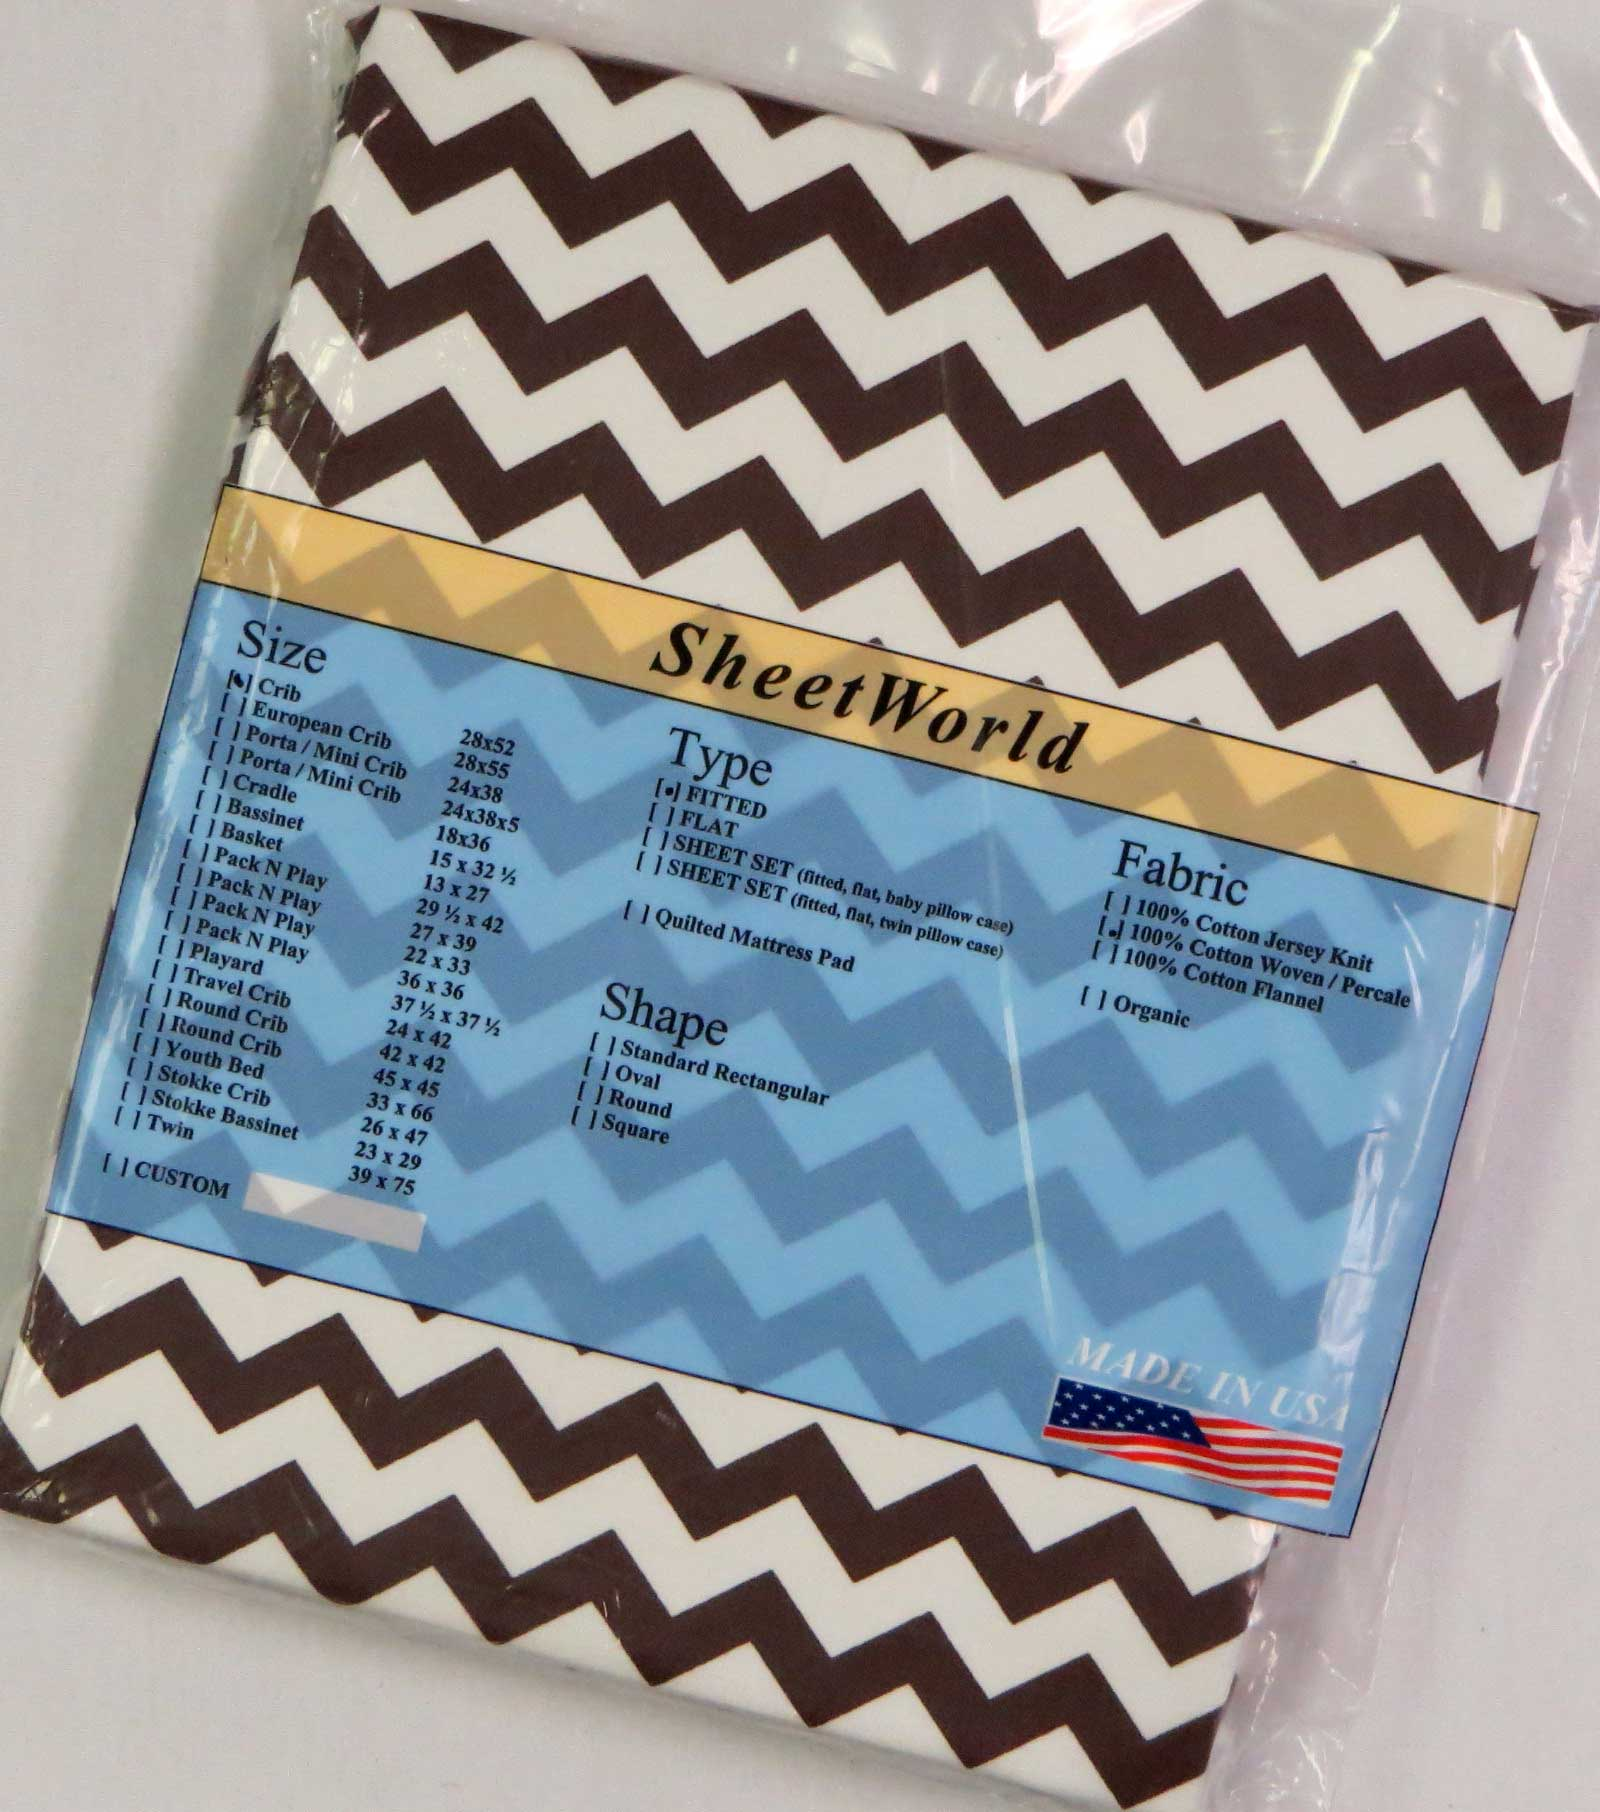 Brown Chevron Cotton Crib Sheet - 28 x 52